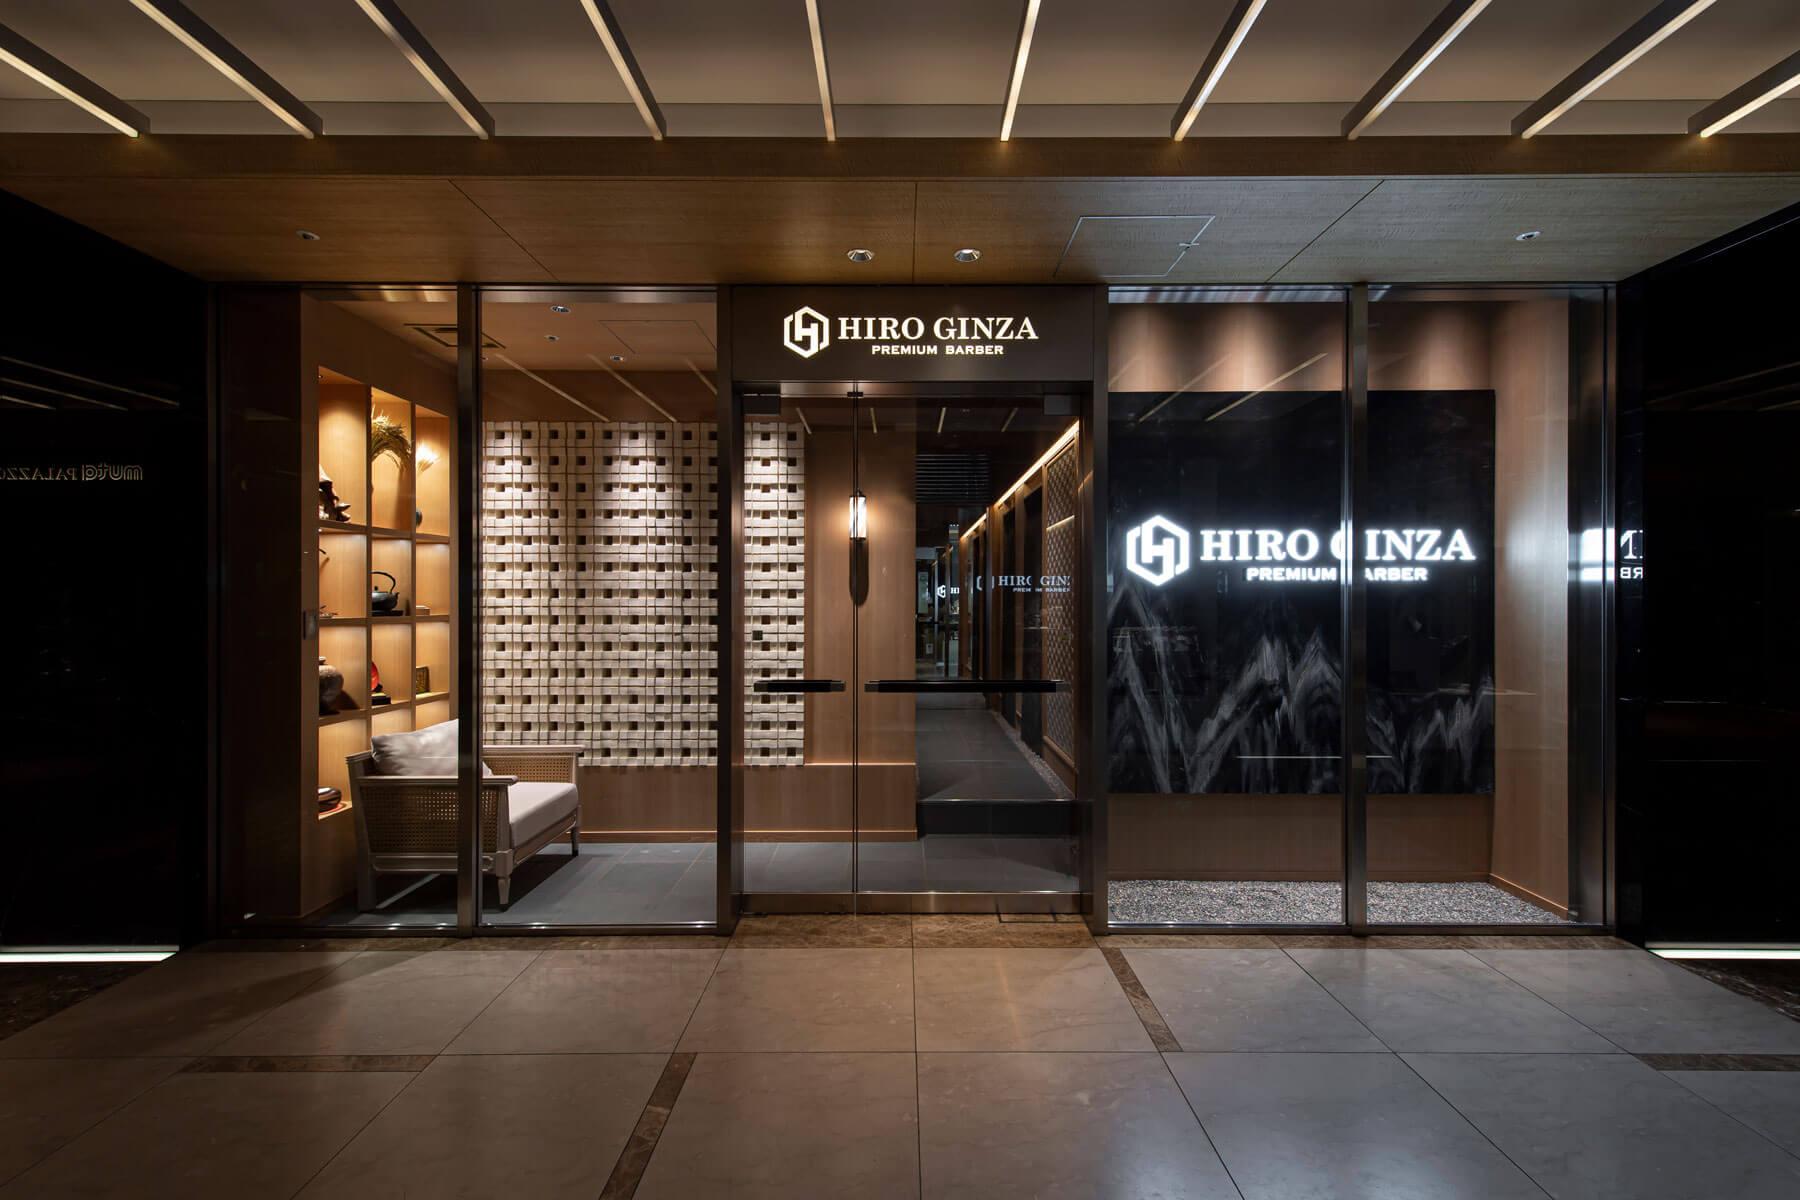 HIROGINZA PREMIUM BARBERパレスホテル東京店/Tokyo